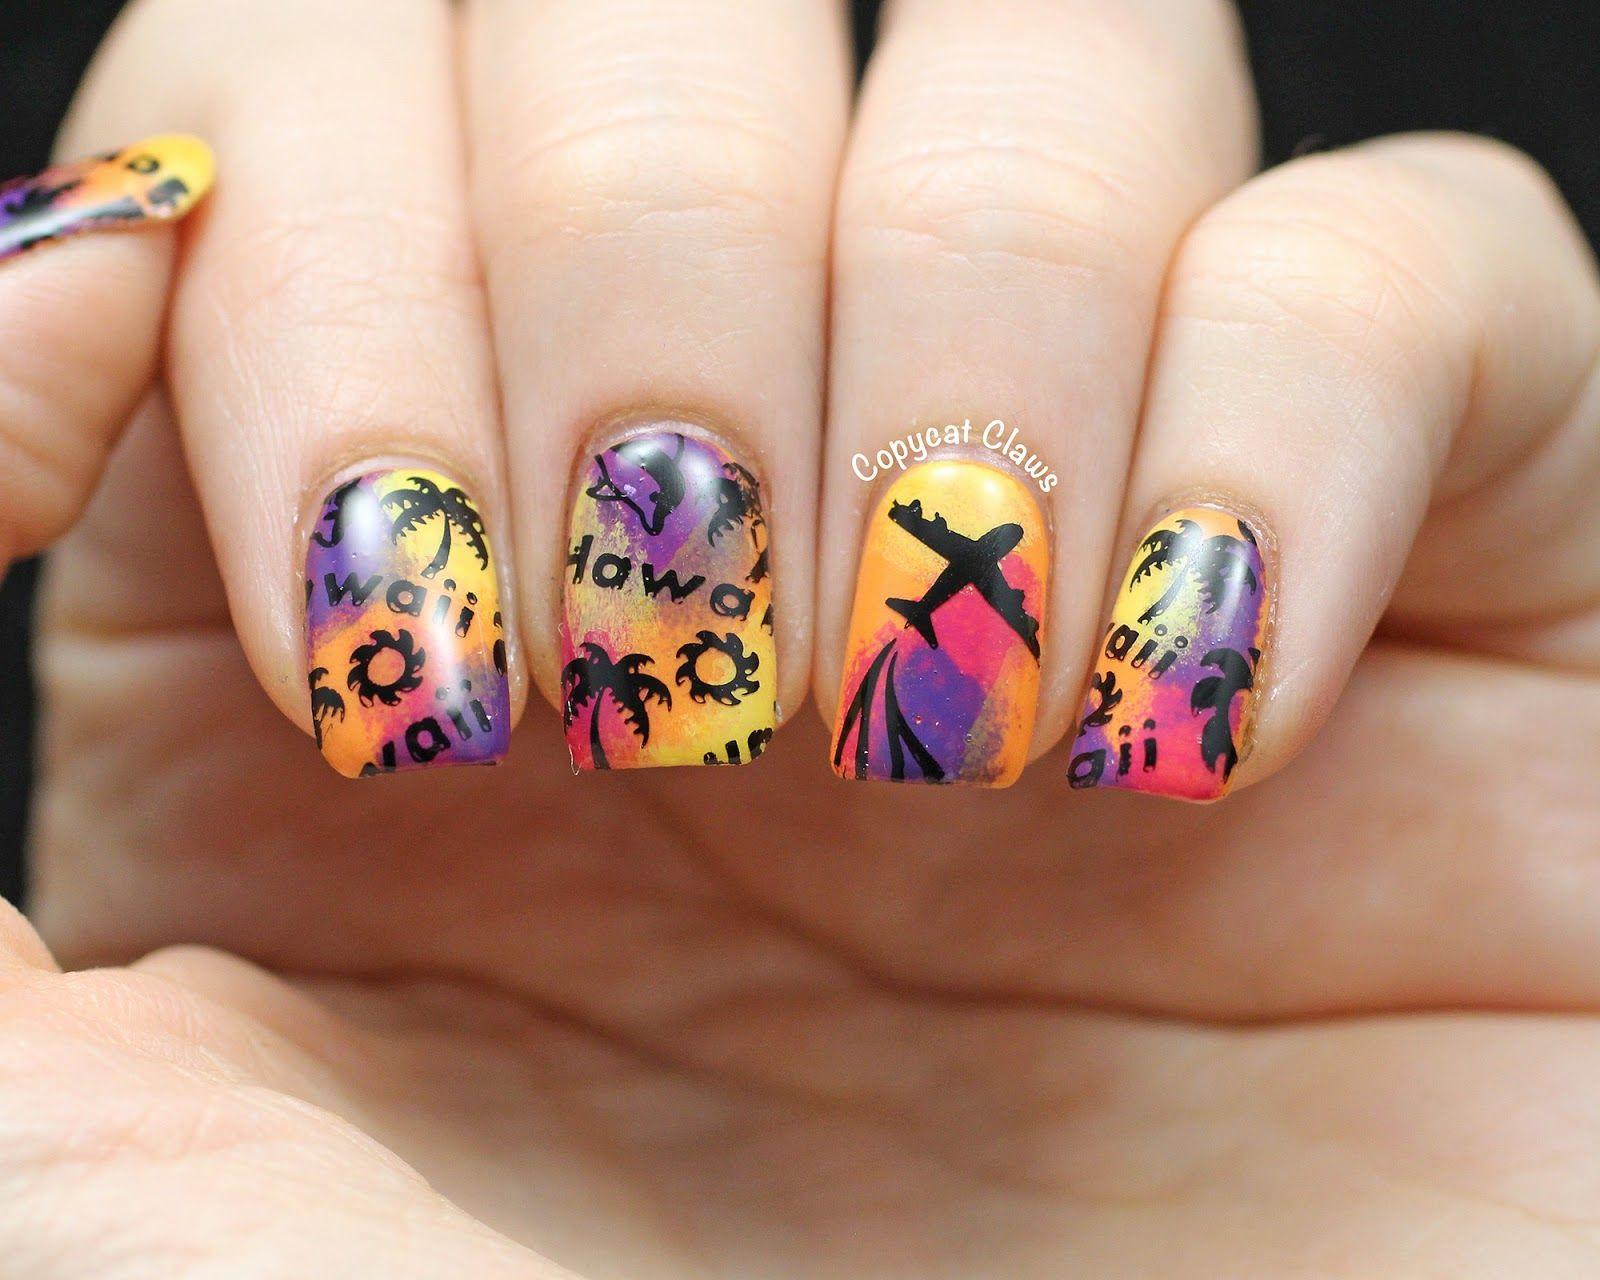 Hawaii Nail Art | Stamping Nailart | Pinterest